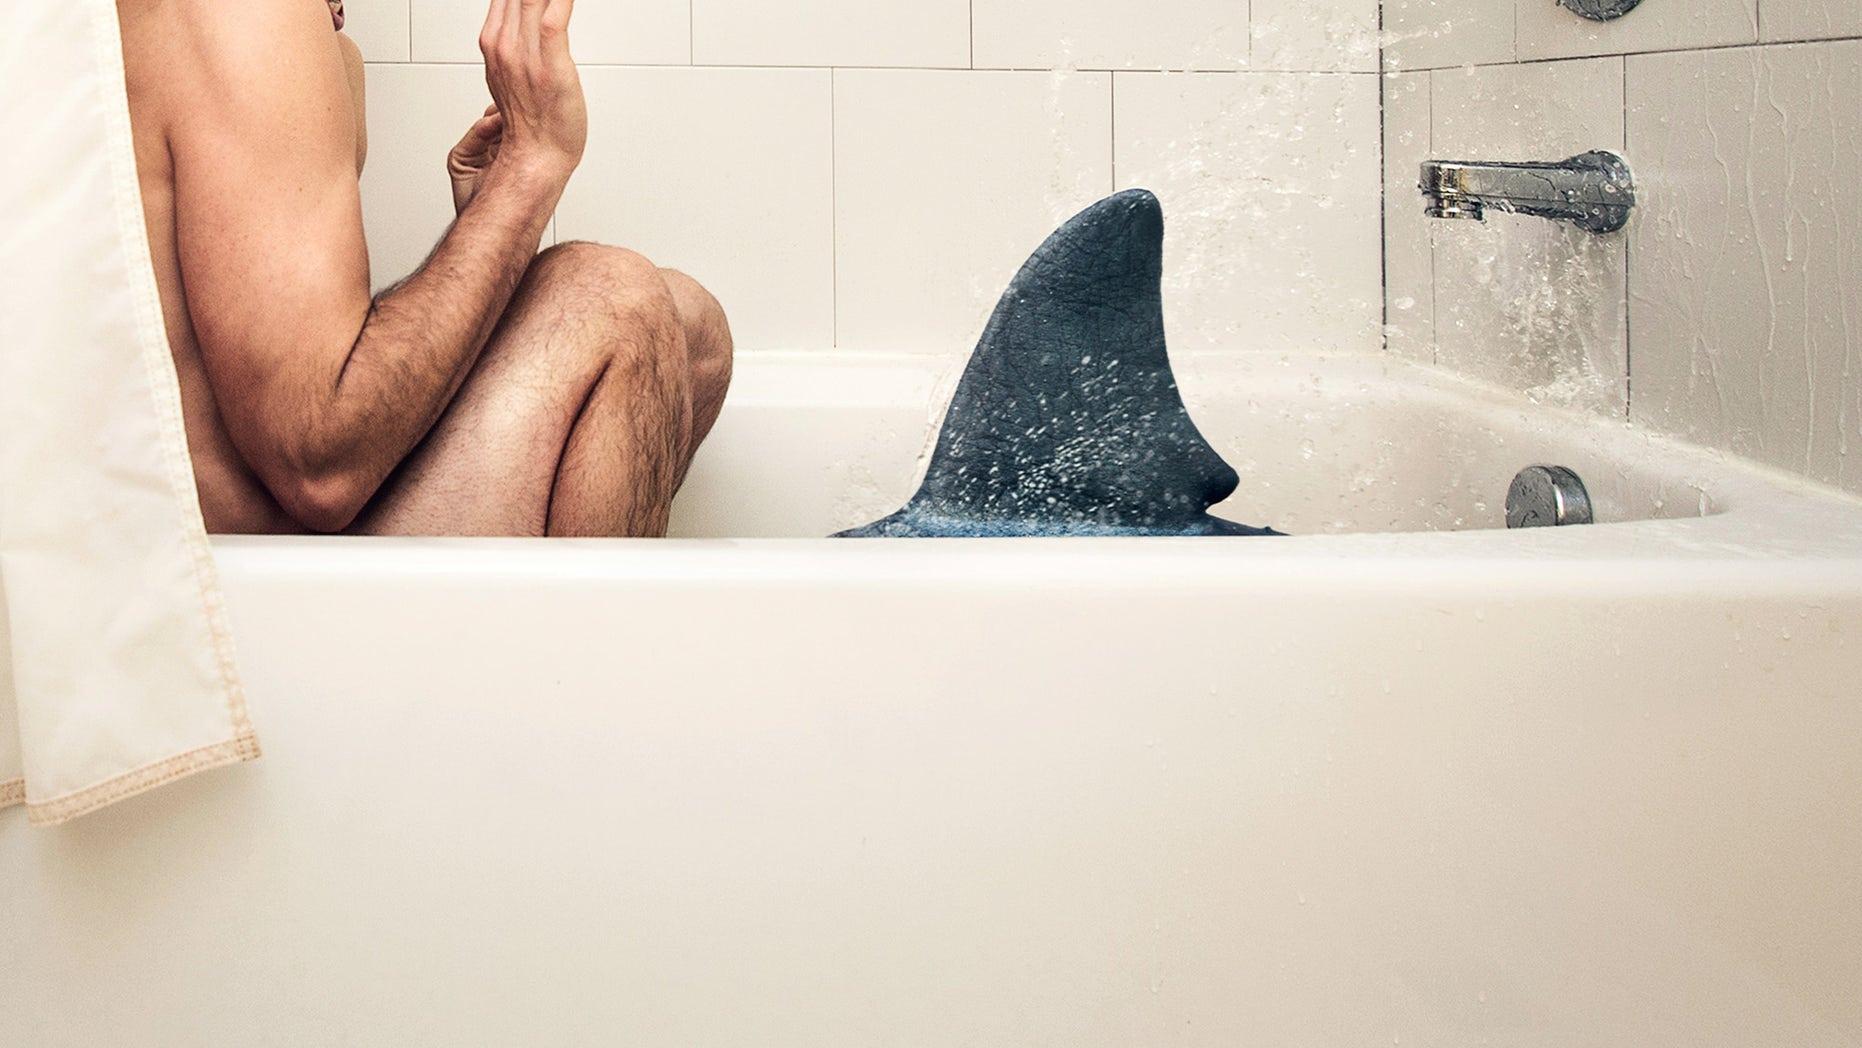 bathroom shark attack